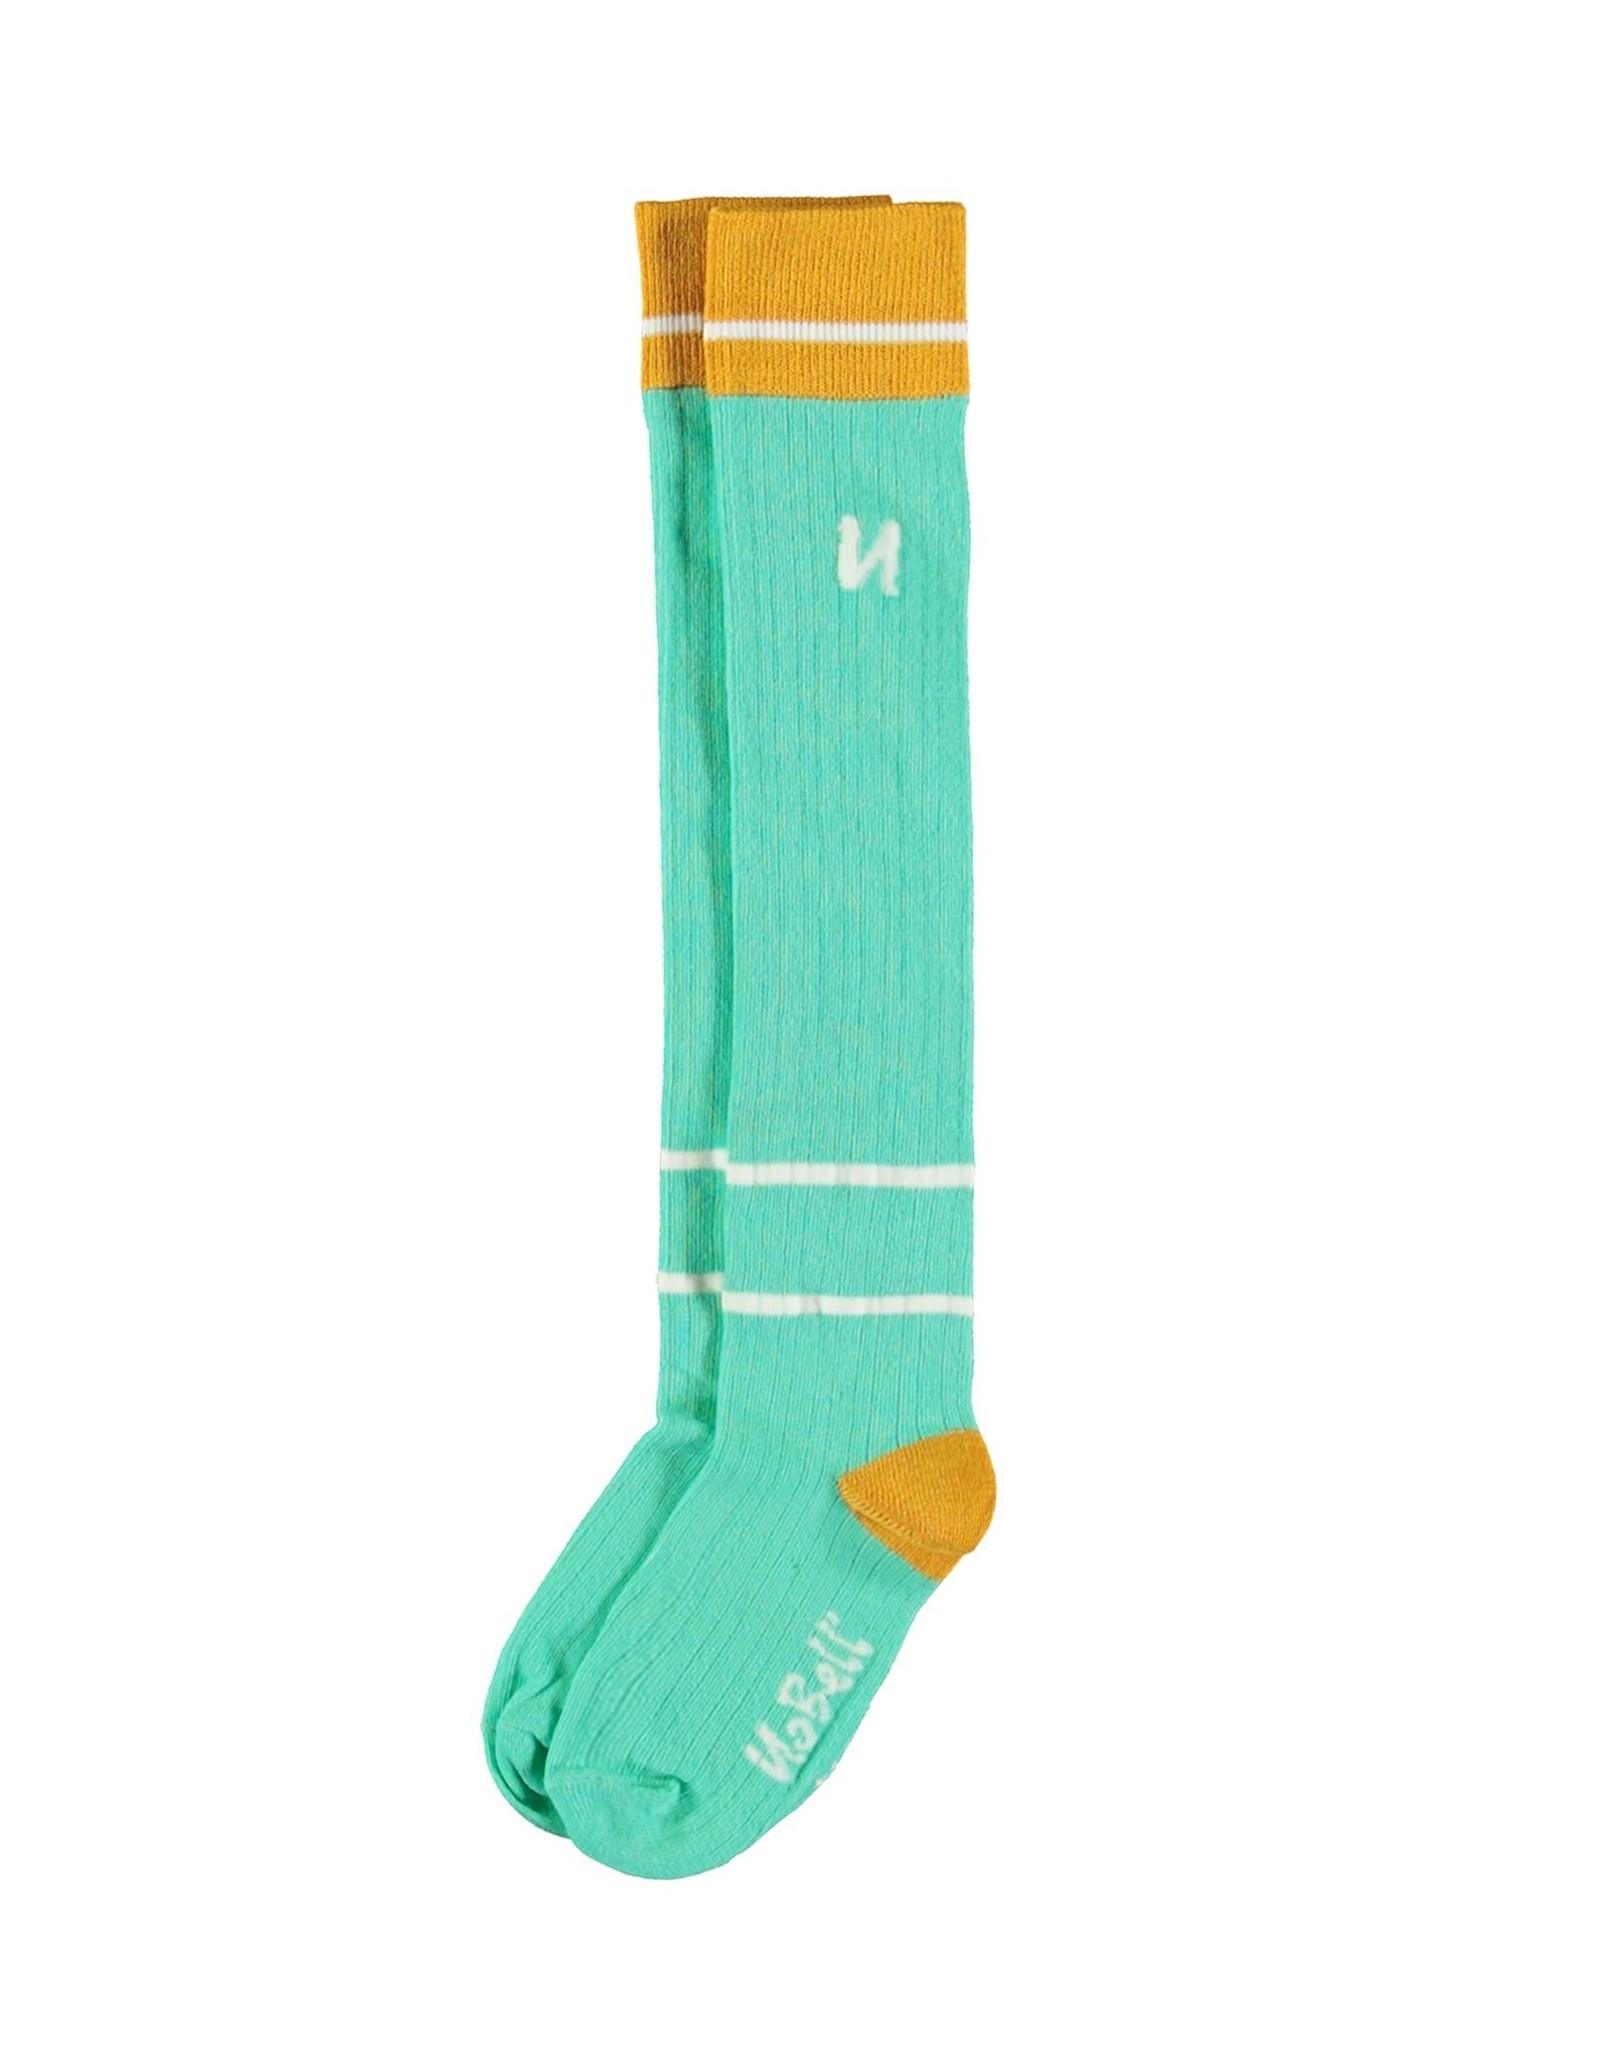 NoBell NoBell long sock 3901 Copenhagen